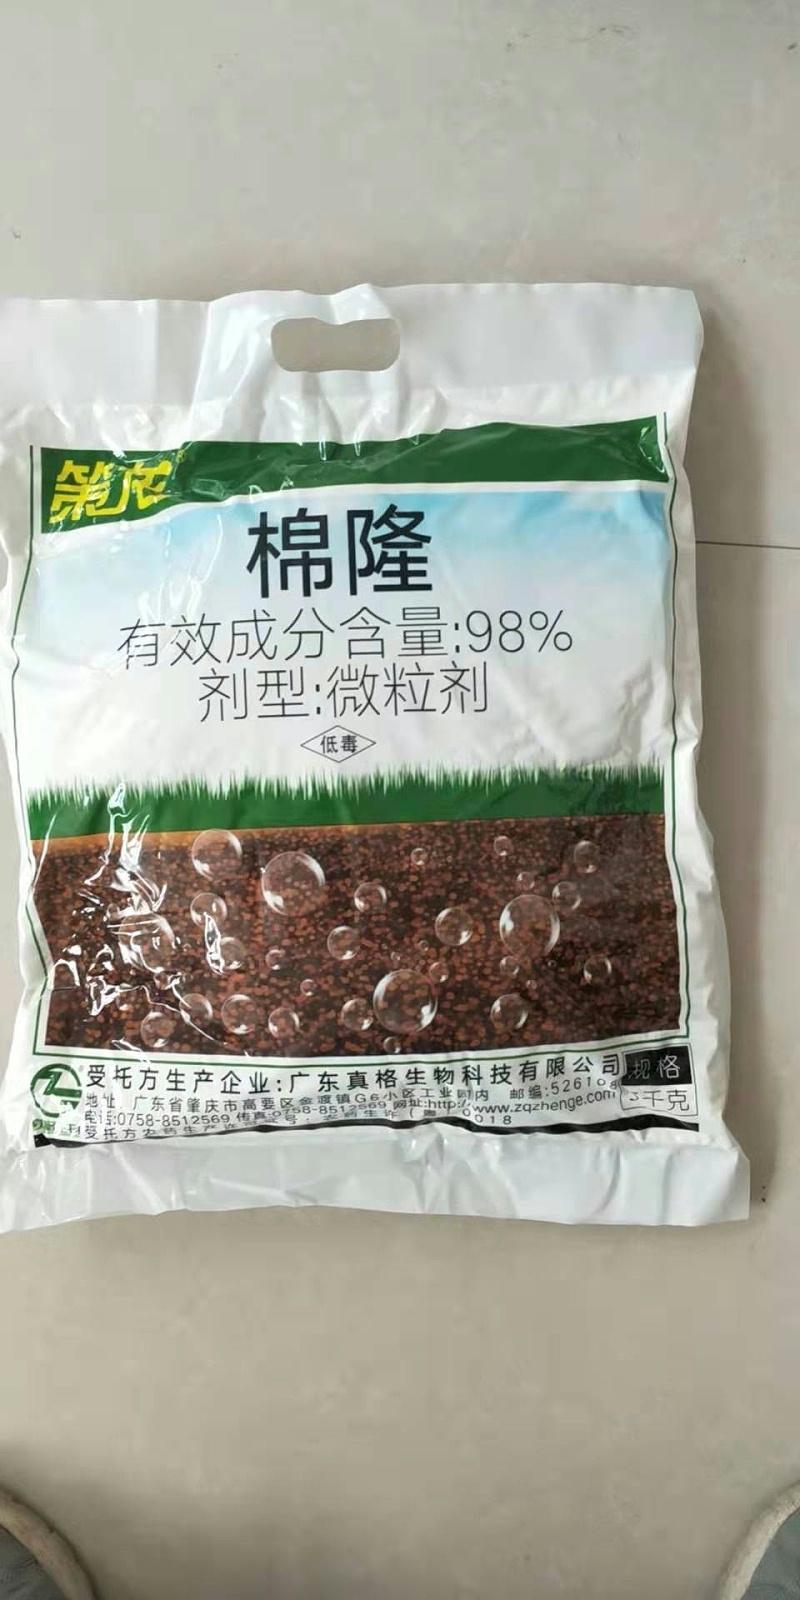 使用棉隆高温闷棚土壤消毒